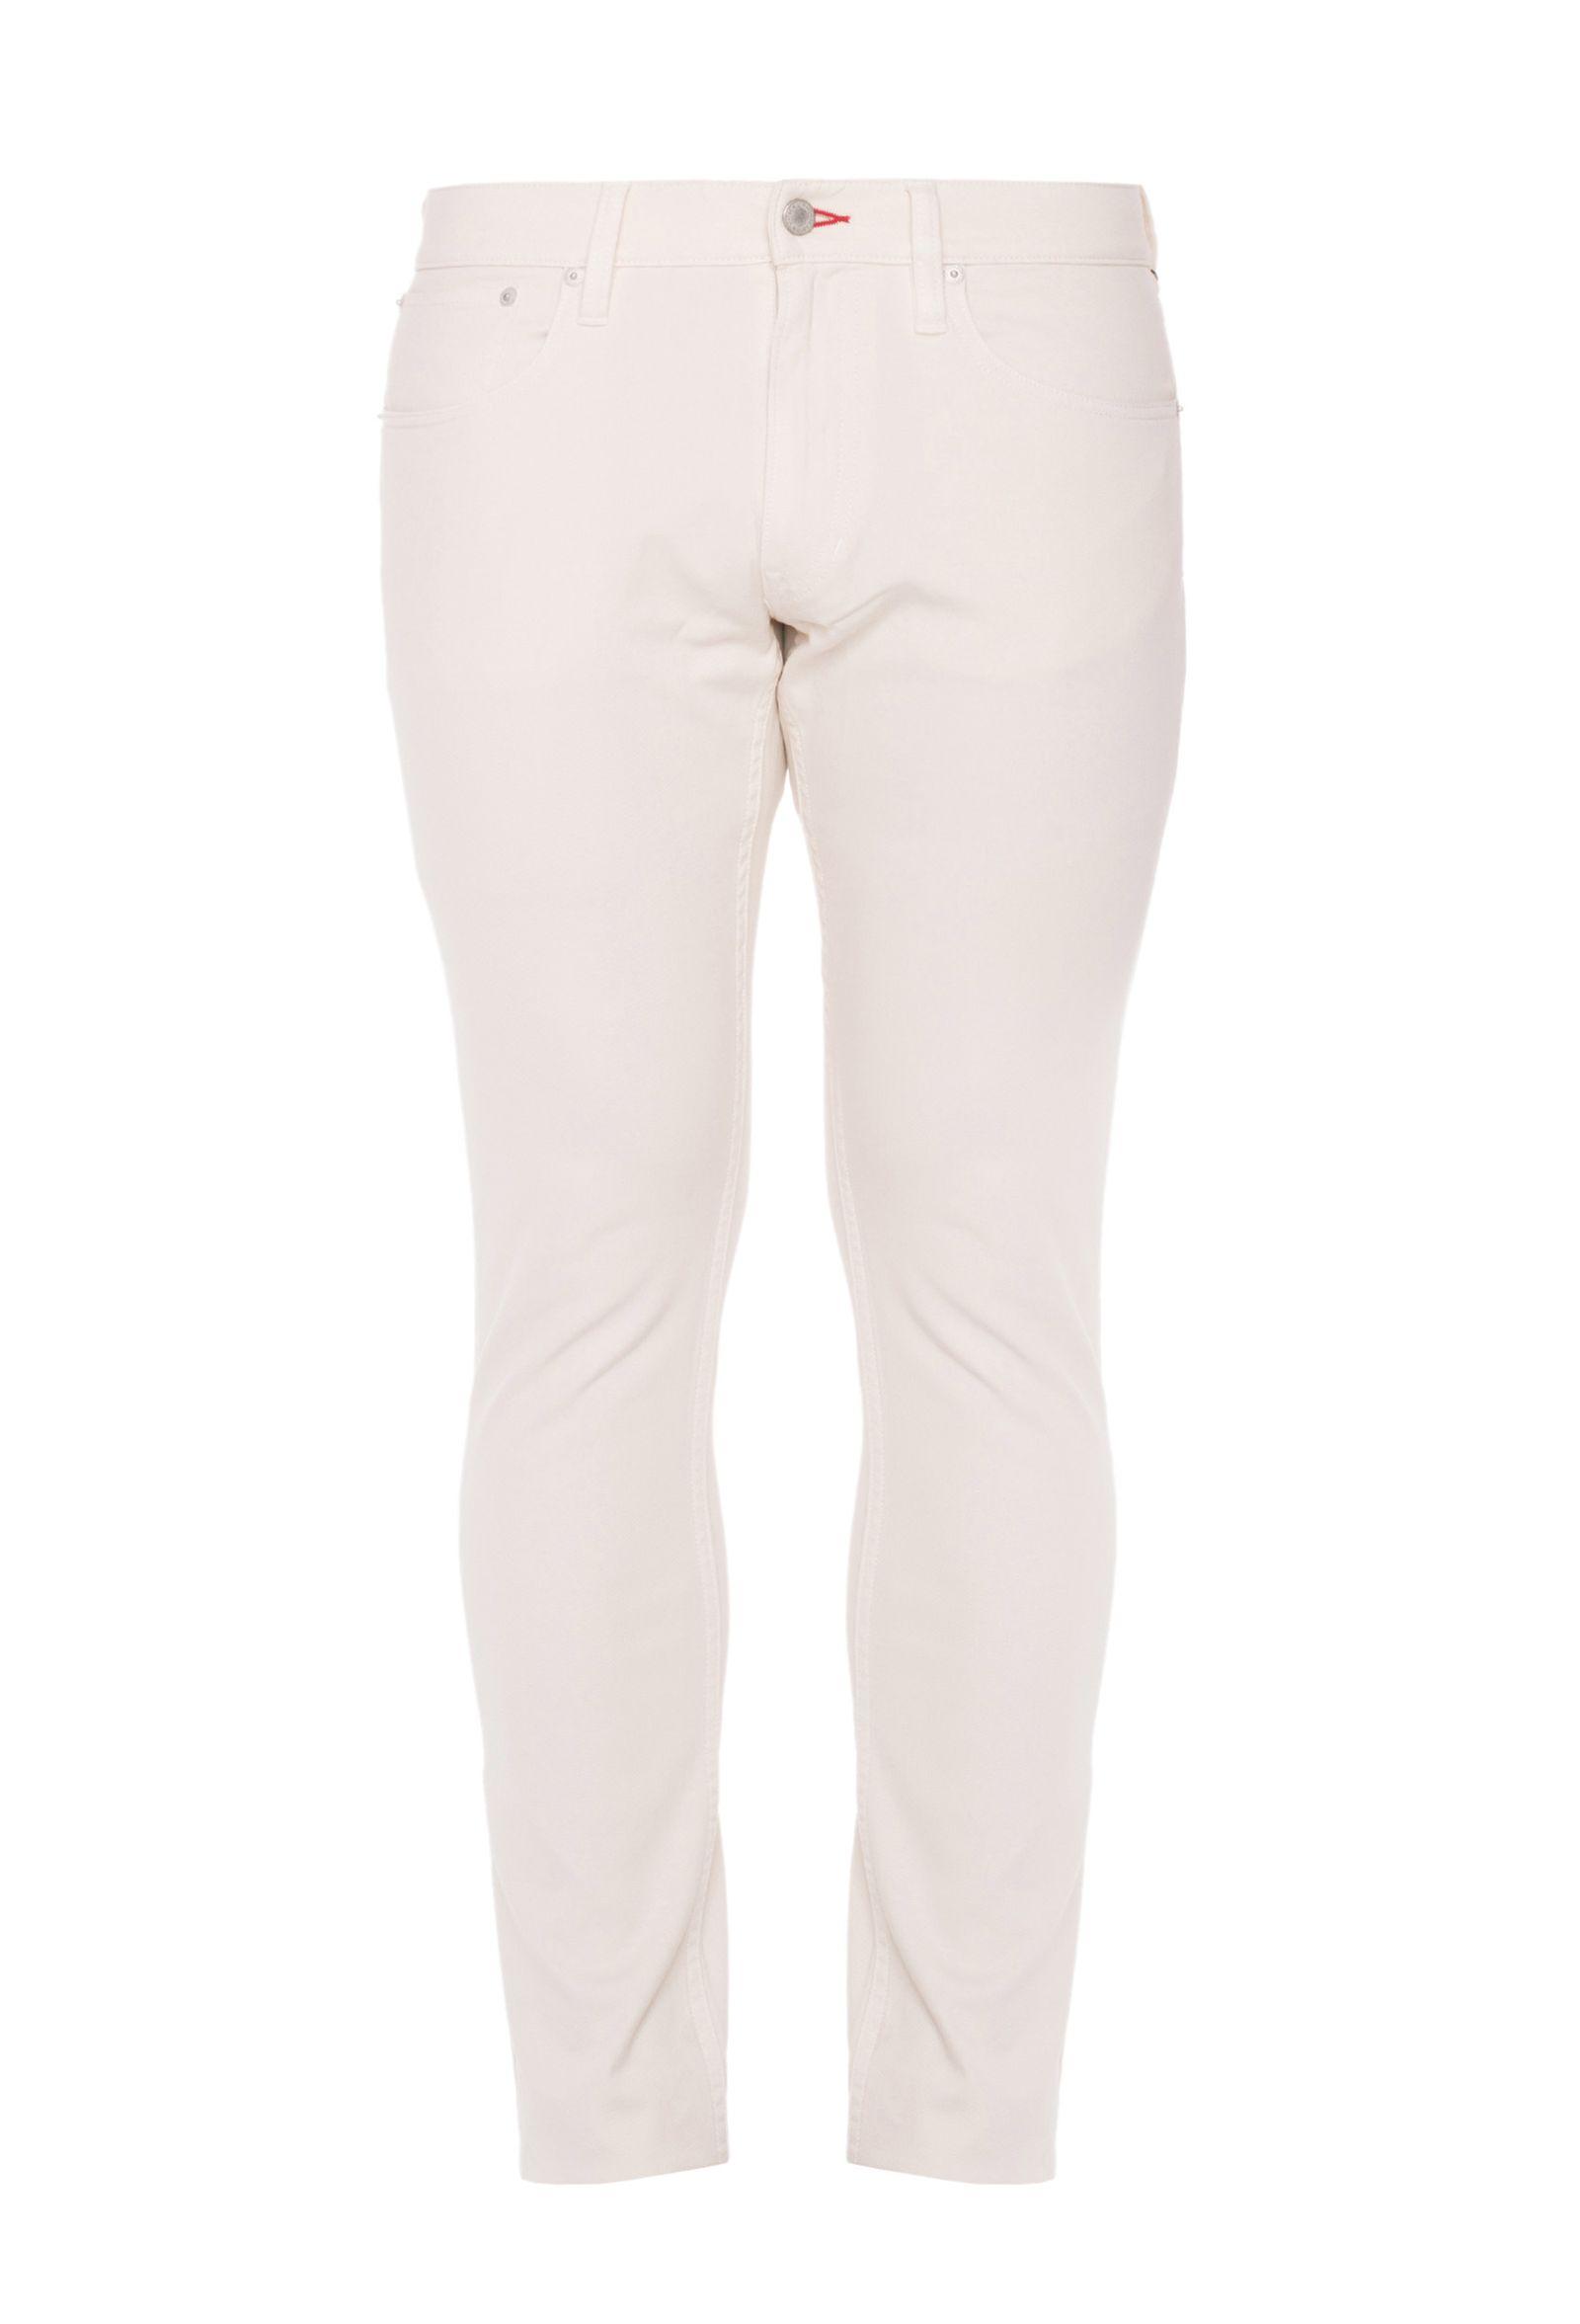 825f83fa5 Spodnie RALPH LAUREN – Kup Teraz! Najlepsze ceny i opinie! Sklep  PlacTrzechKrzyzy.com